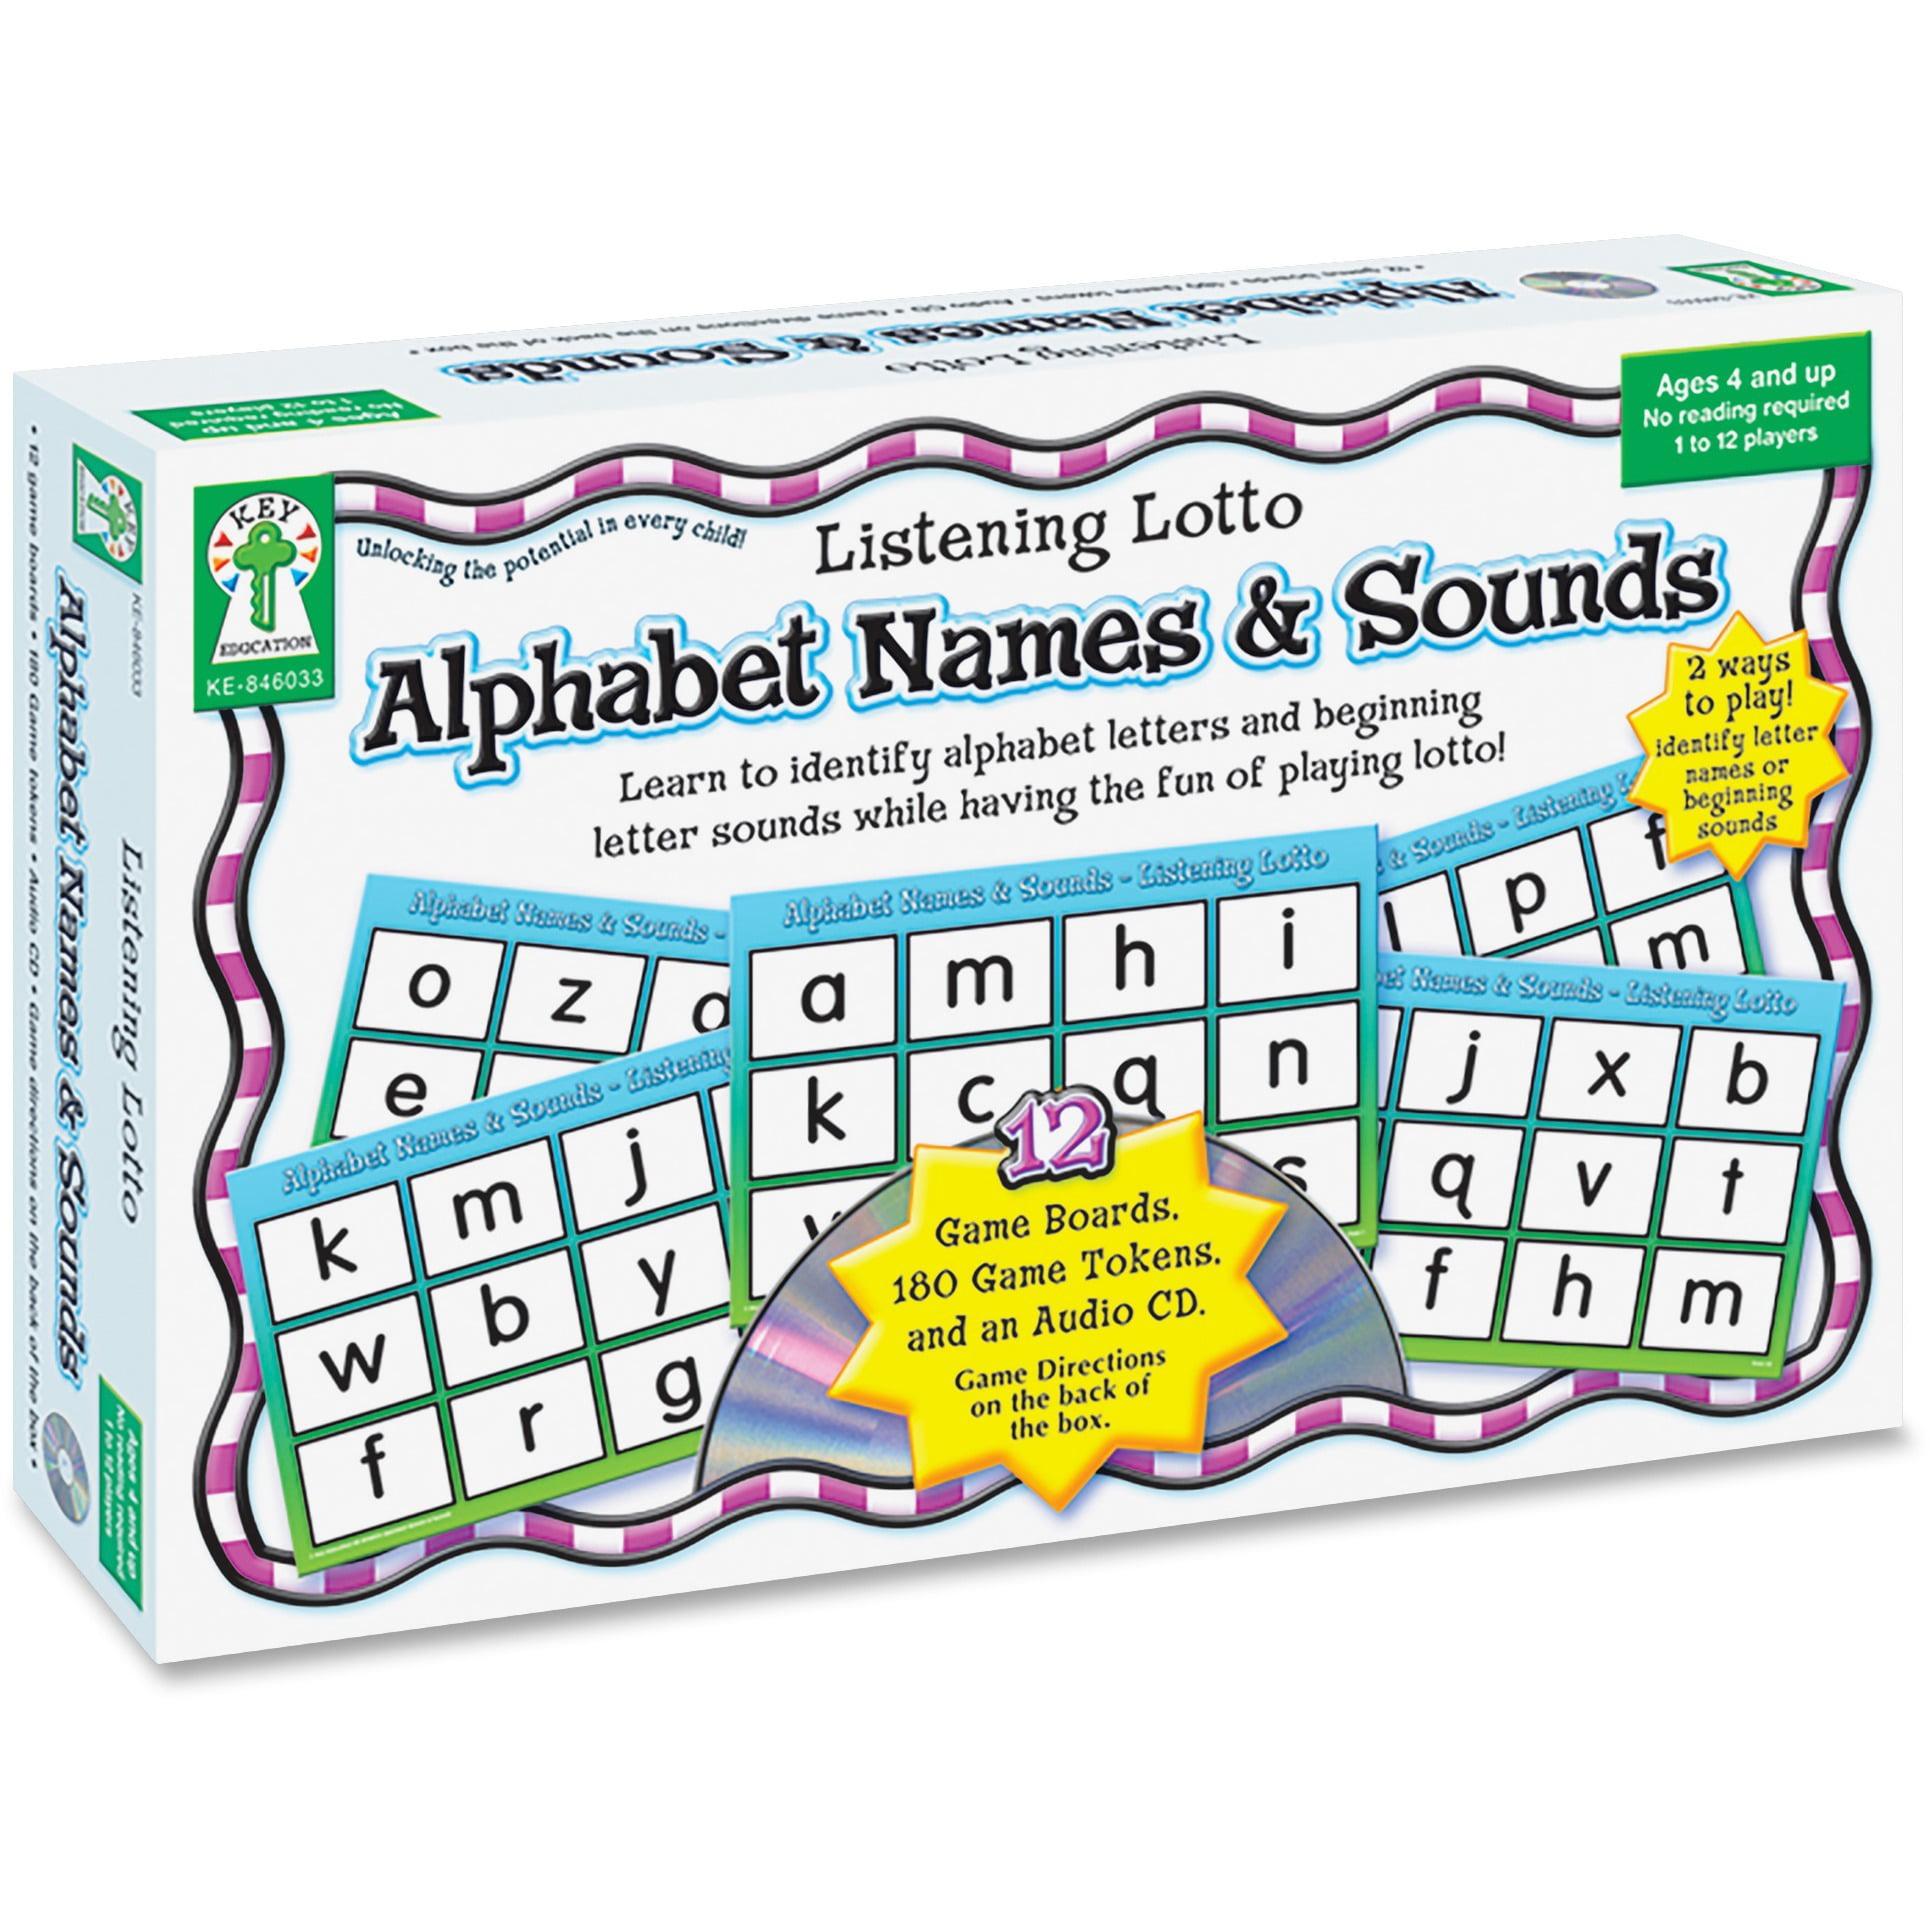 Carson-Dellosa, CDP846033, Grades PreK-1 Alphabet Names/Sounds Game, 1 Each, Multi